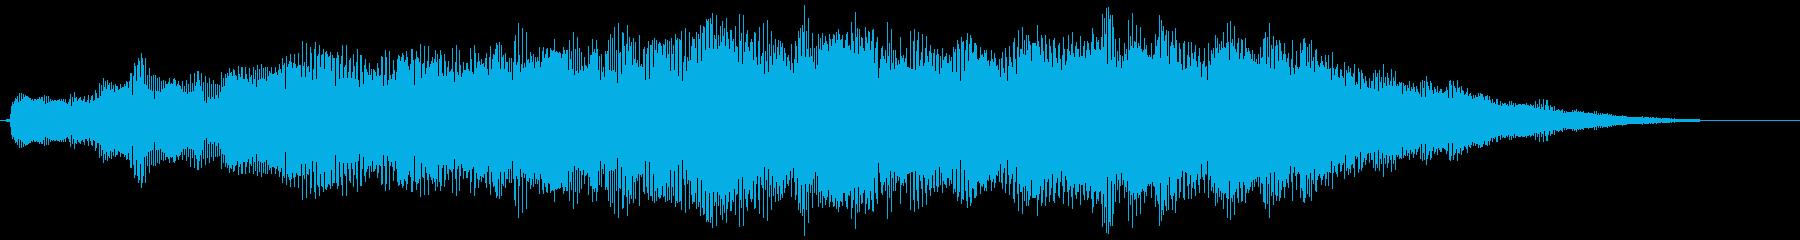 ポジティブライジングシンセパッドの再生済みの波形